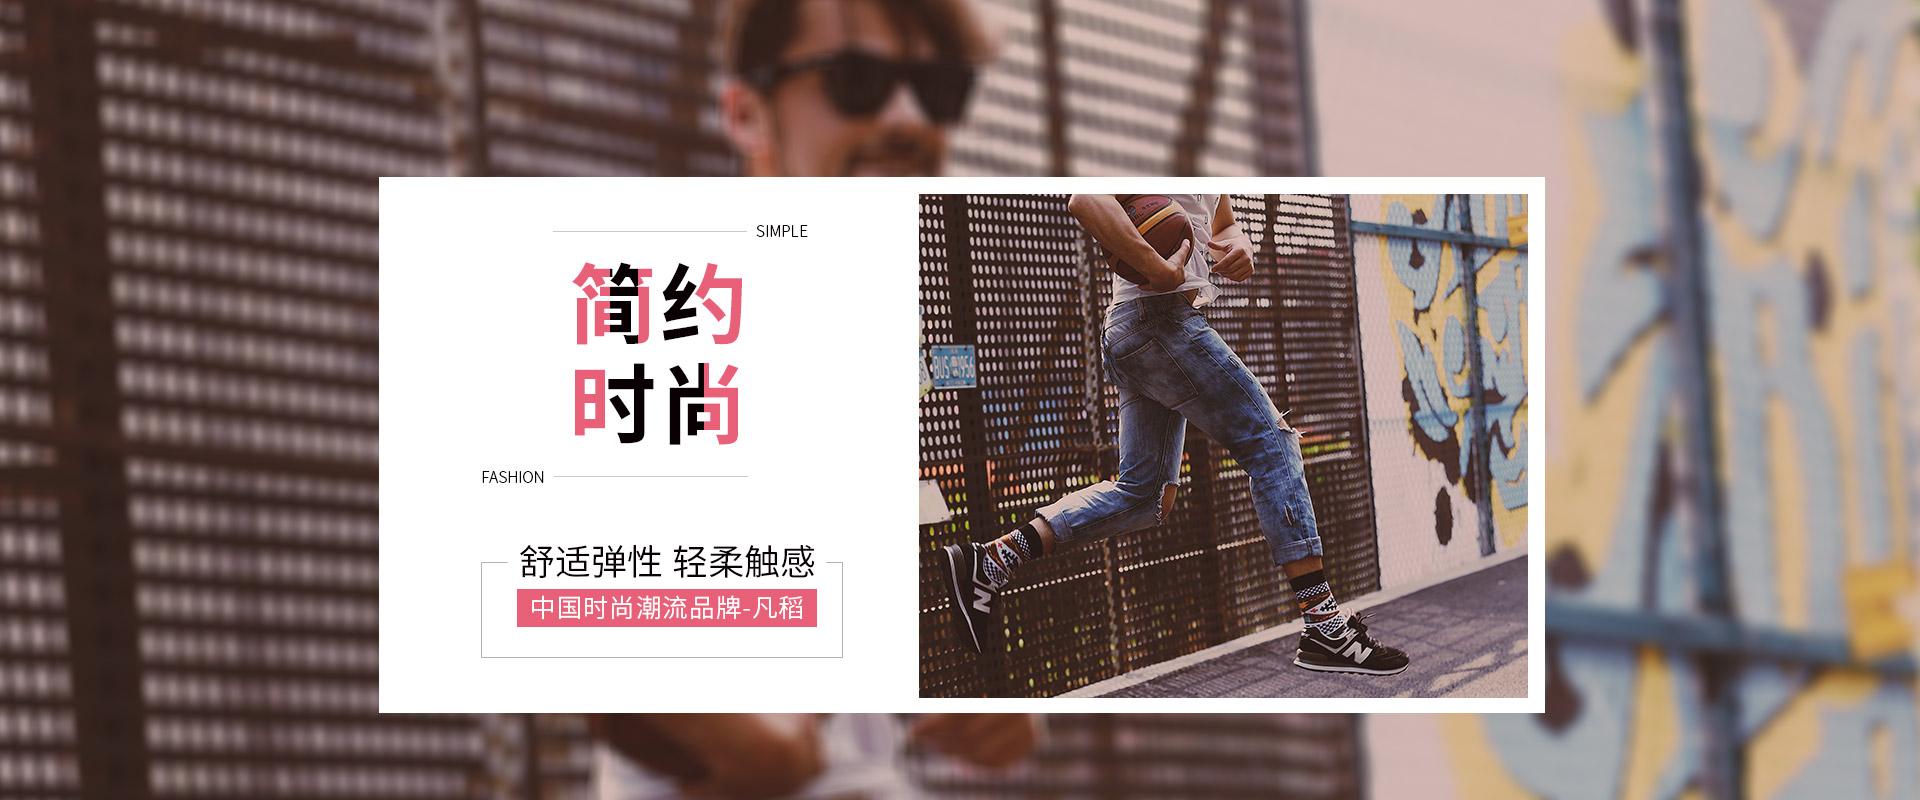 海宁彩象数码印花技术有限公司